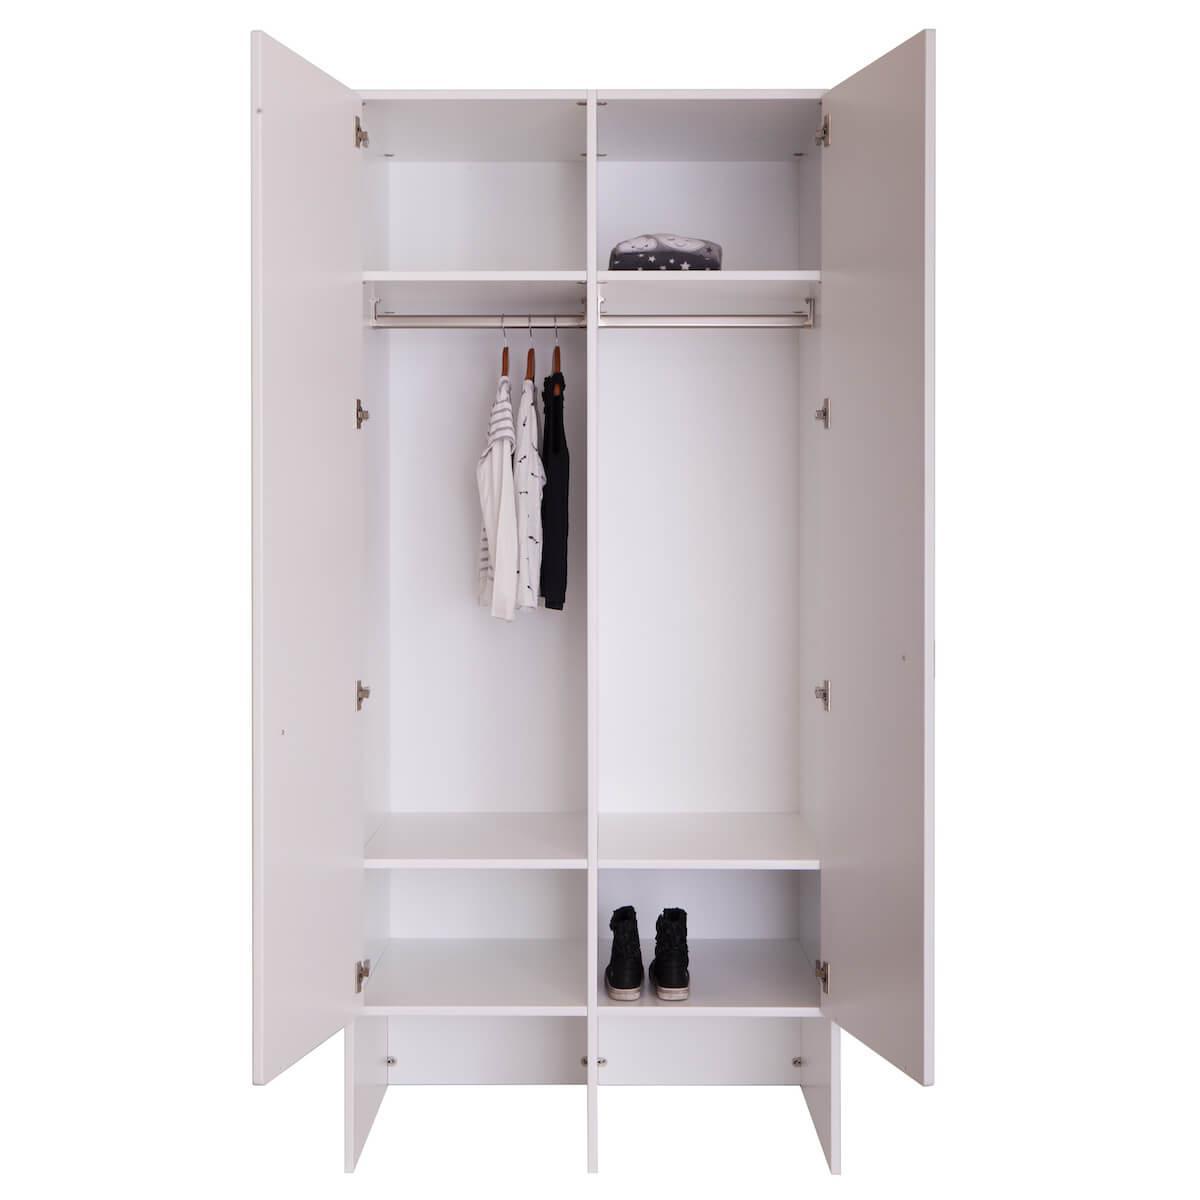 Kleiderschrank 2 Türen KASVA weiß-Eiche